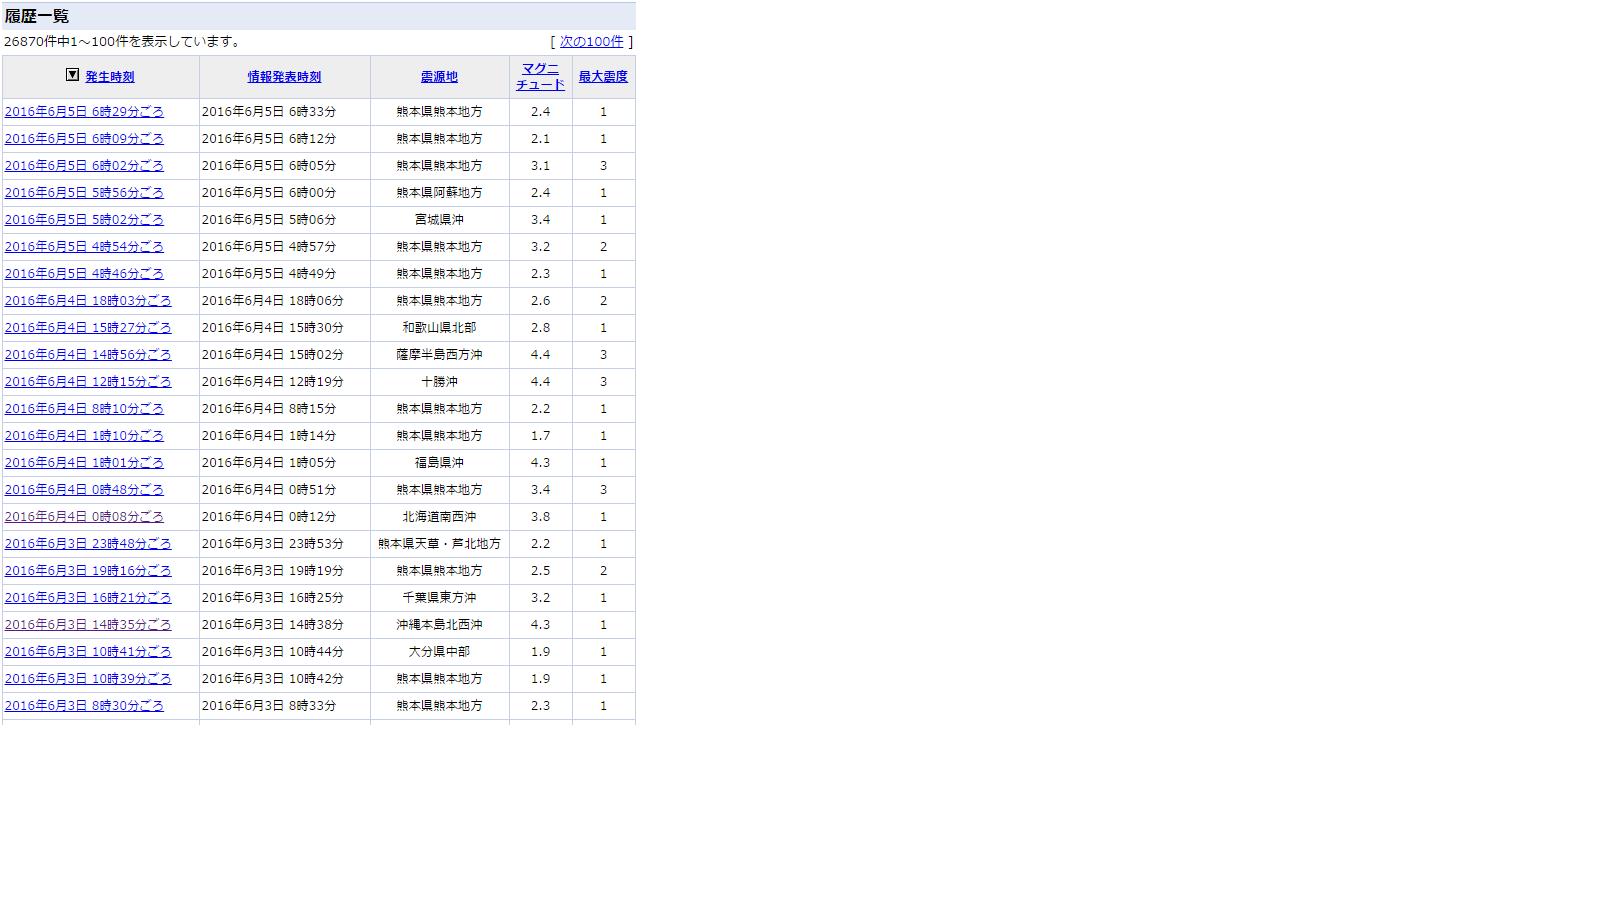 6月5日地震メルマガブログ記事